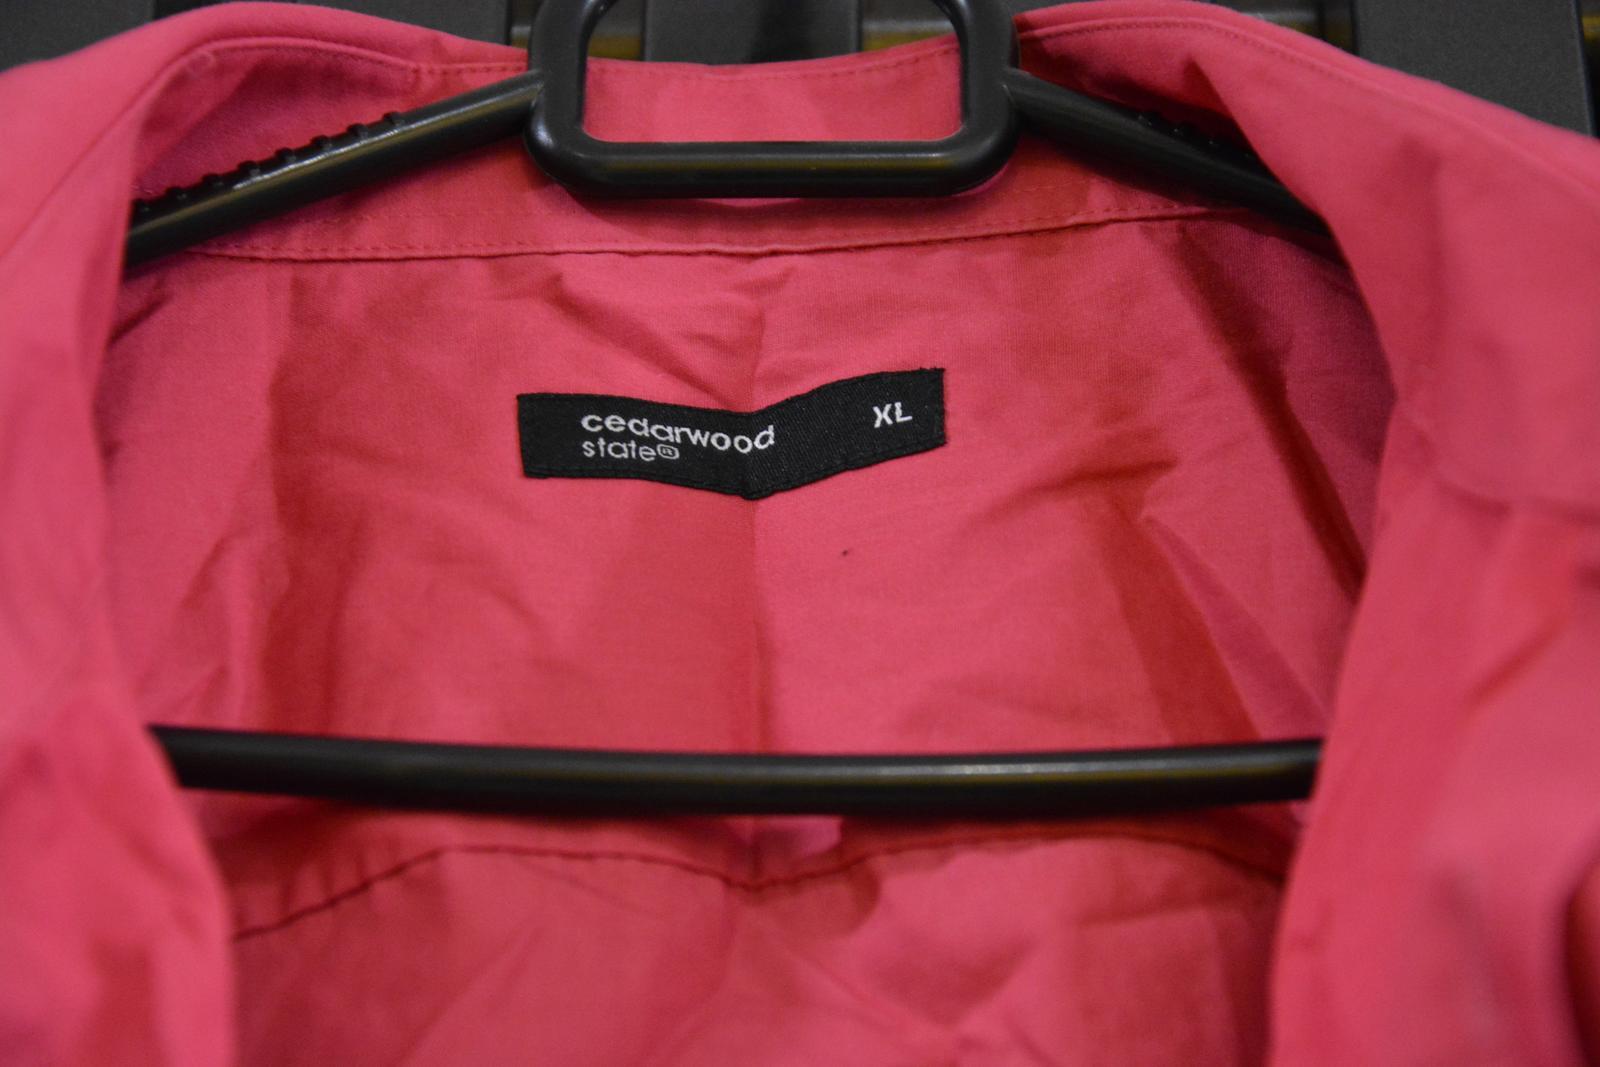 Fuchsiová košile s krátkým rukávem - Obrázek č. 2